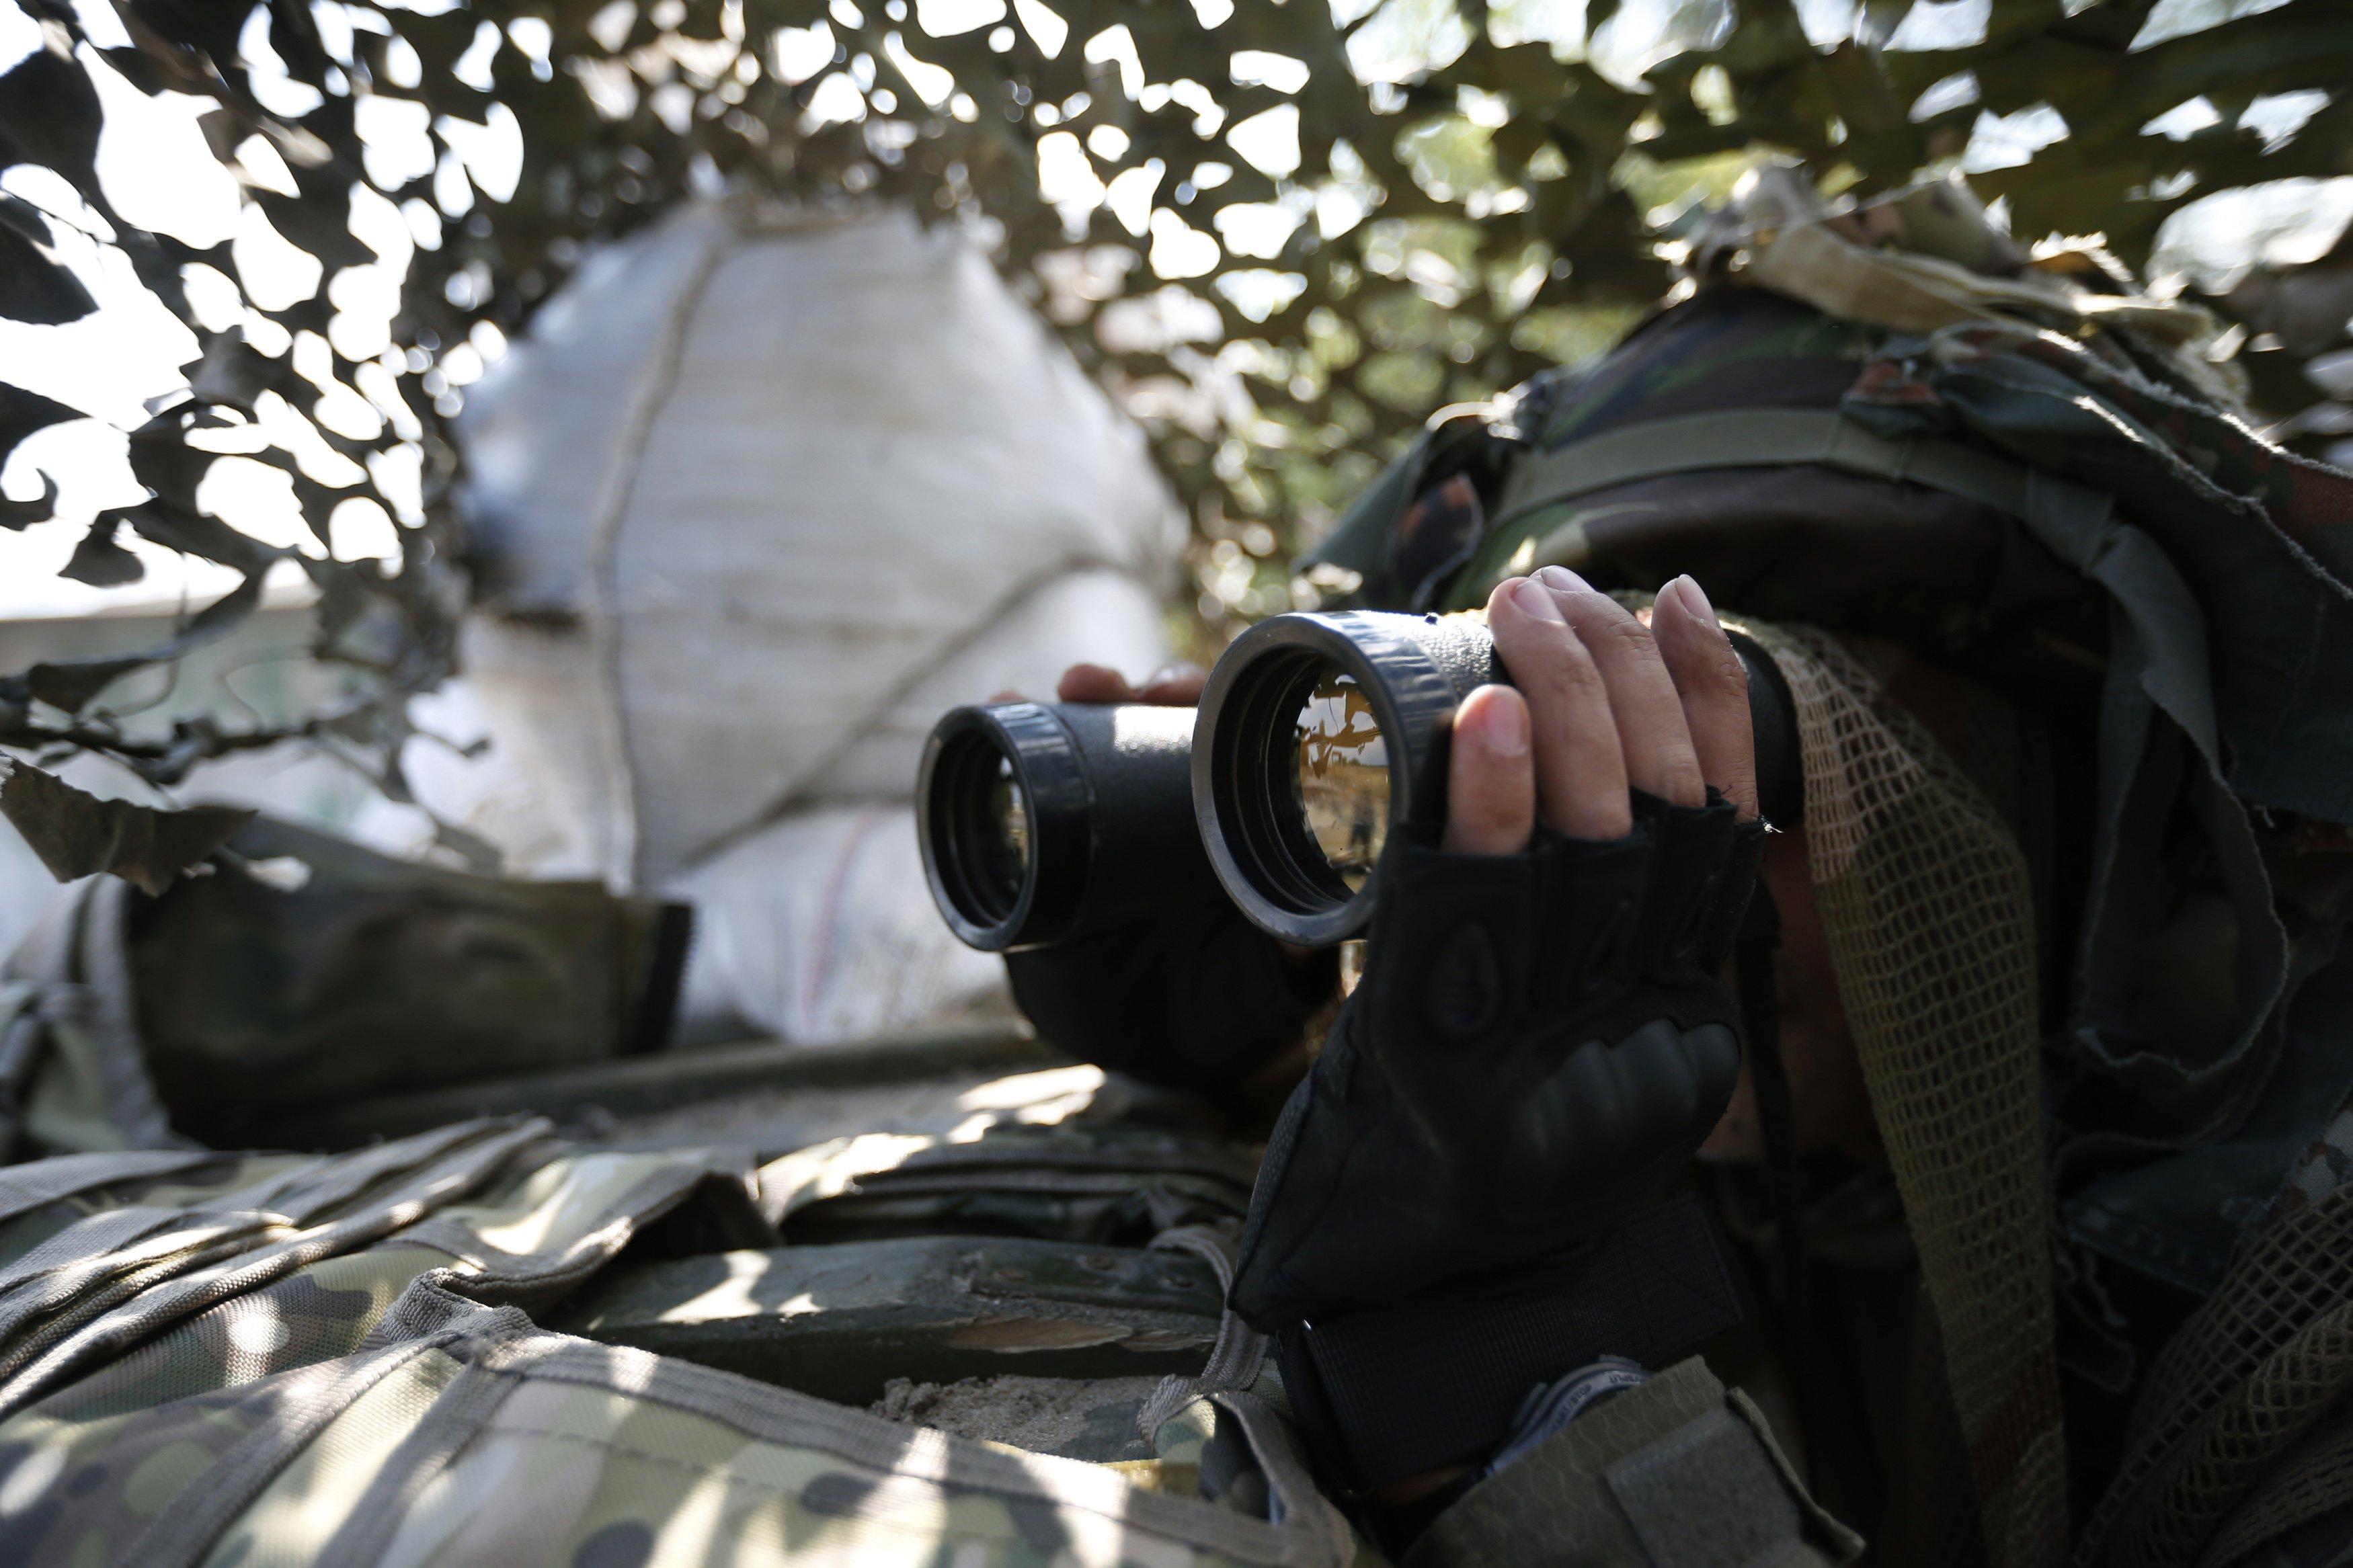 НаДонбассе продолжают гибнуть мирные люди из-за военных действий— ООН